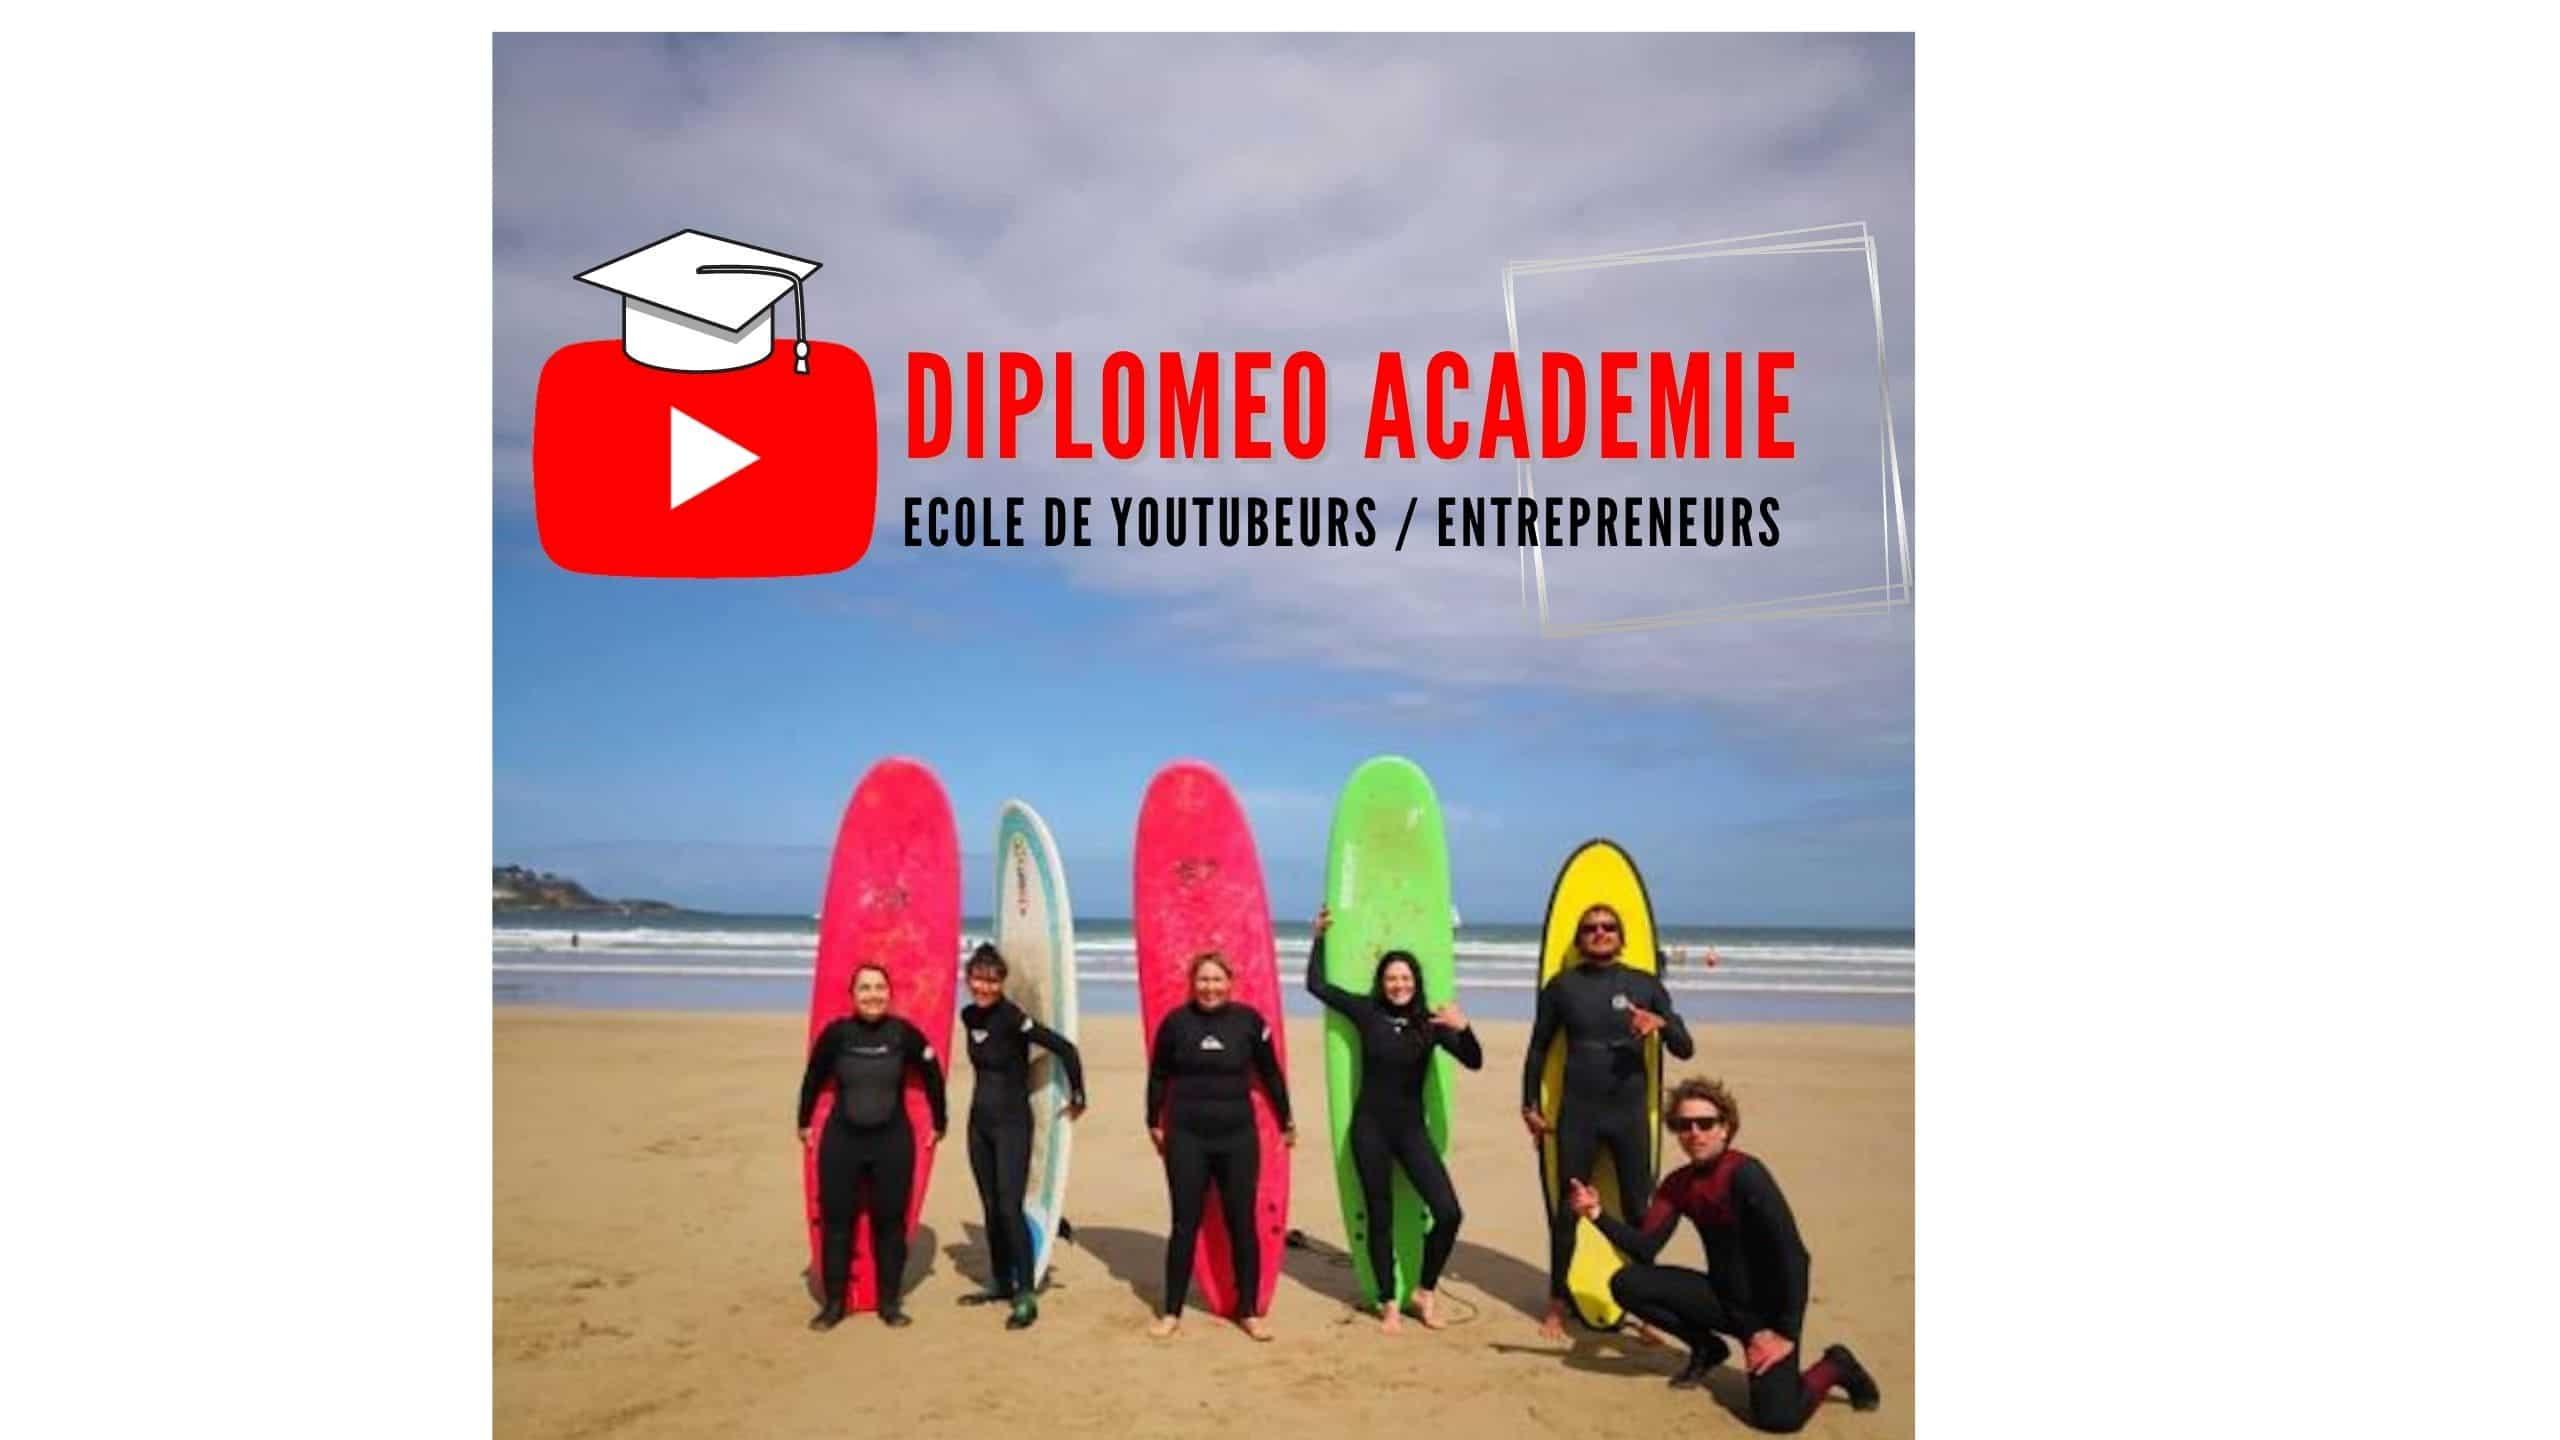 surf diplomeo academie